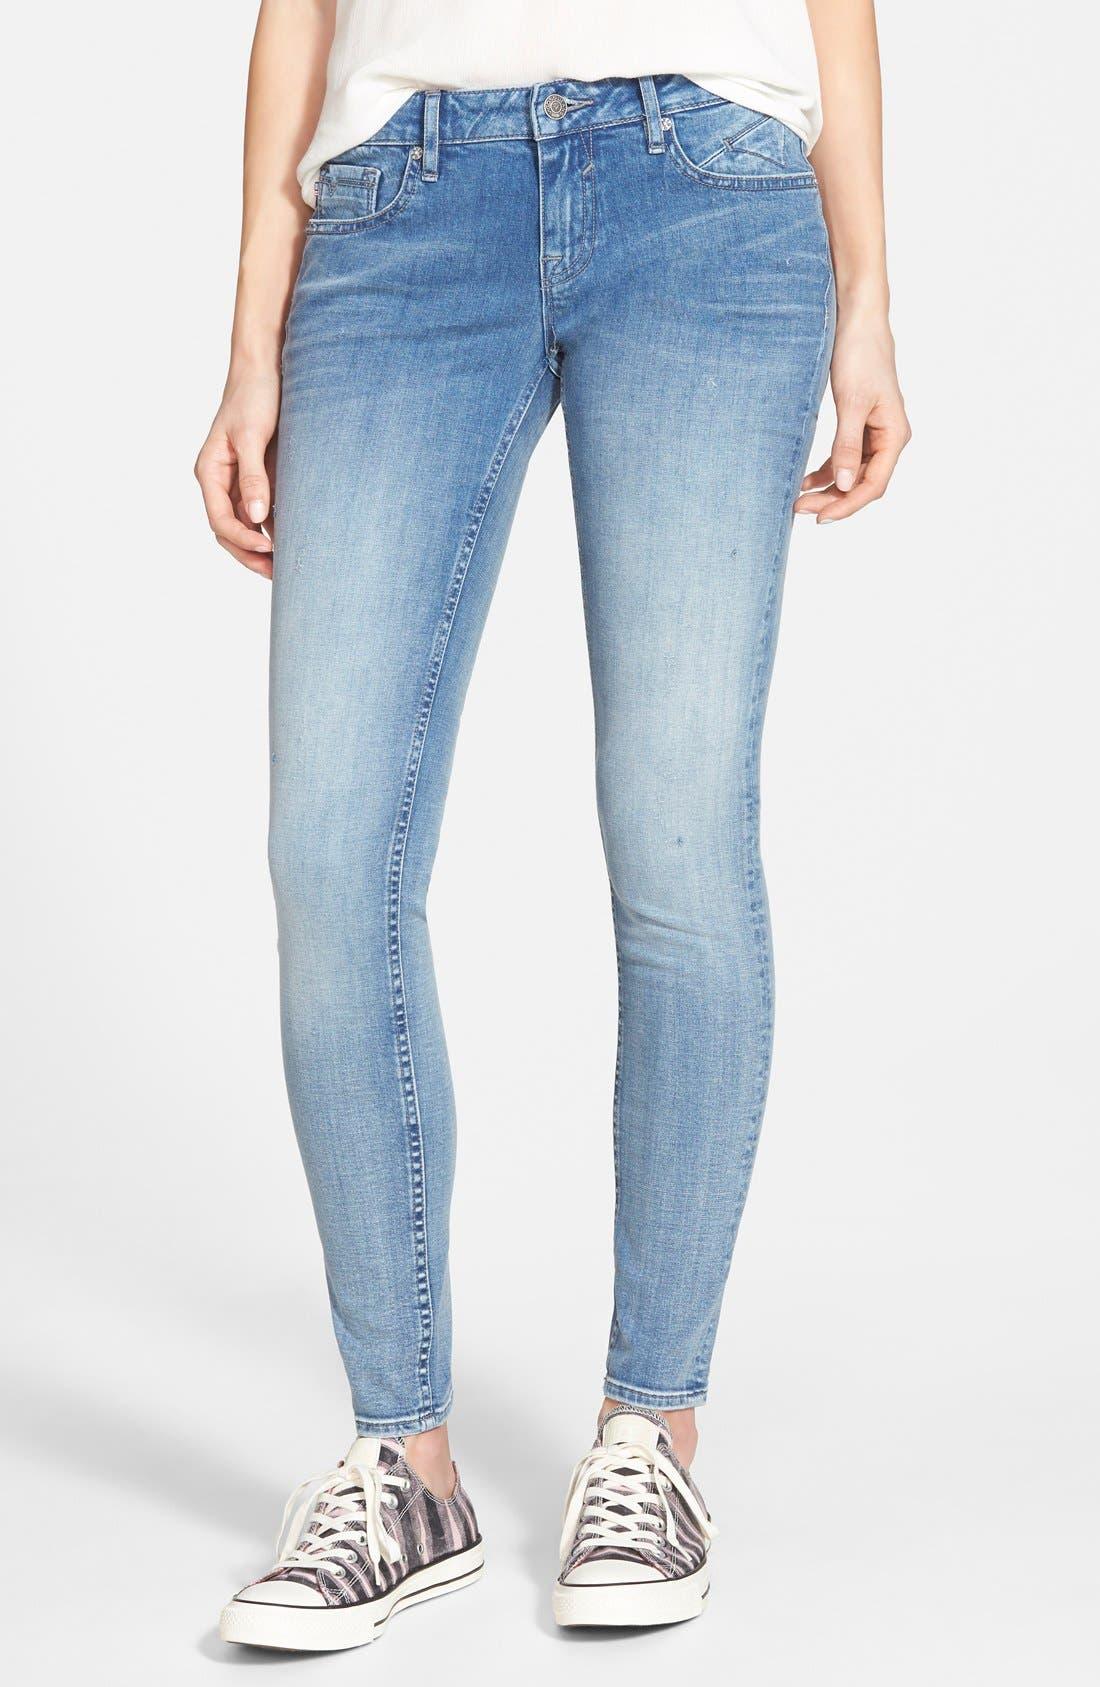 Alternate Image 1 Selected - Vigoss Skinny Jeans (Light)